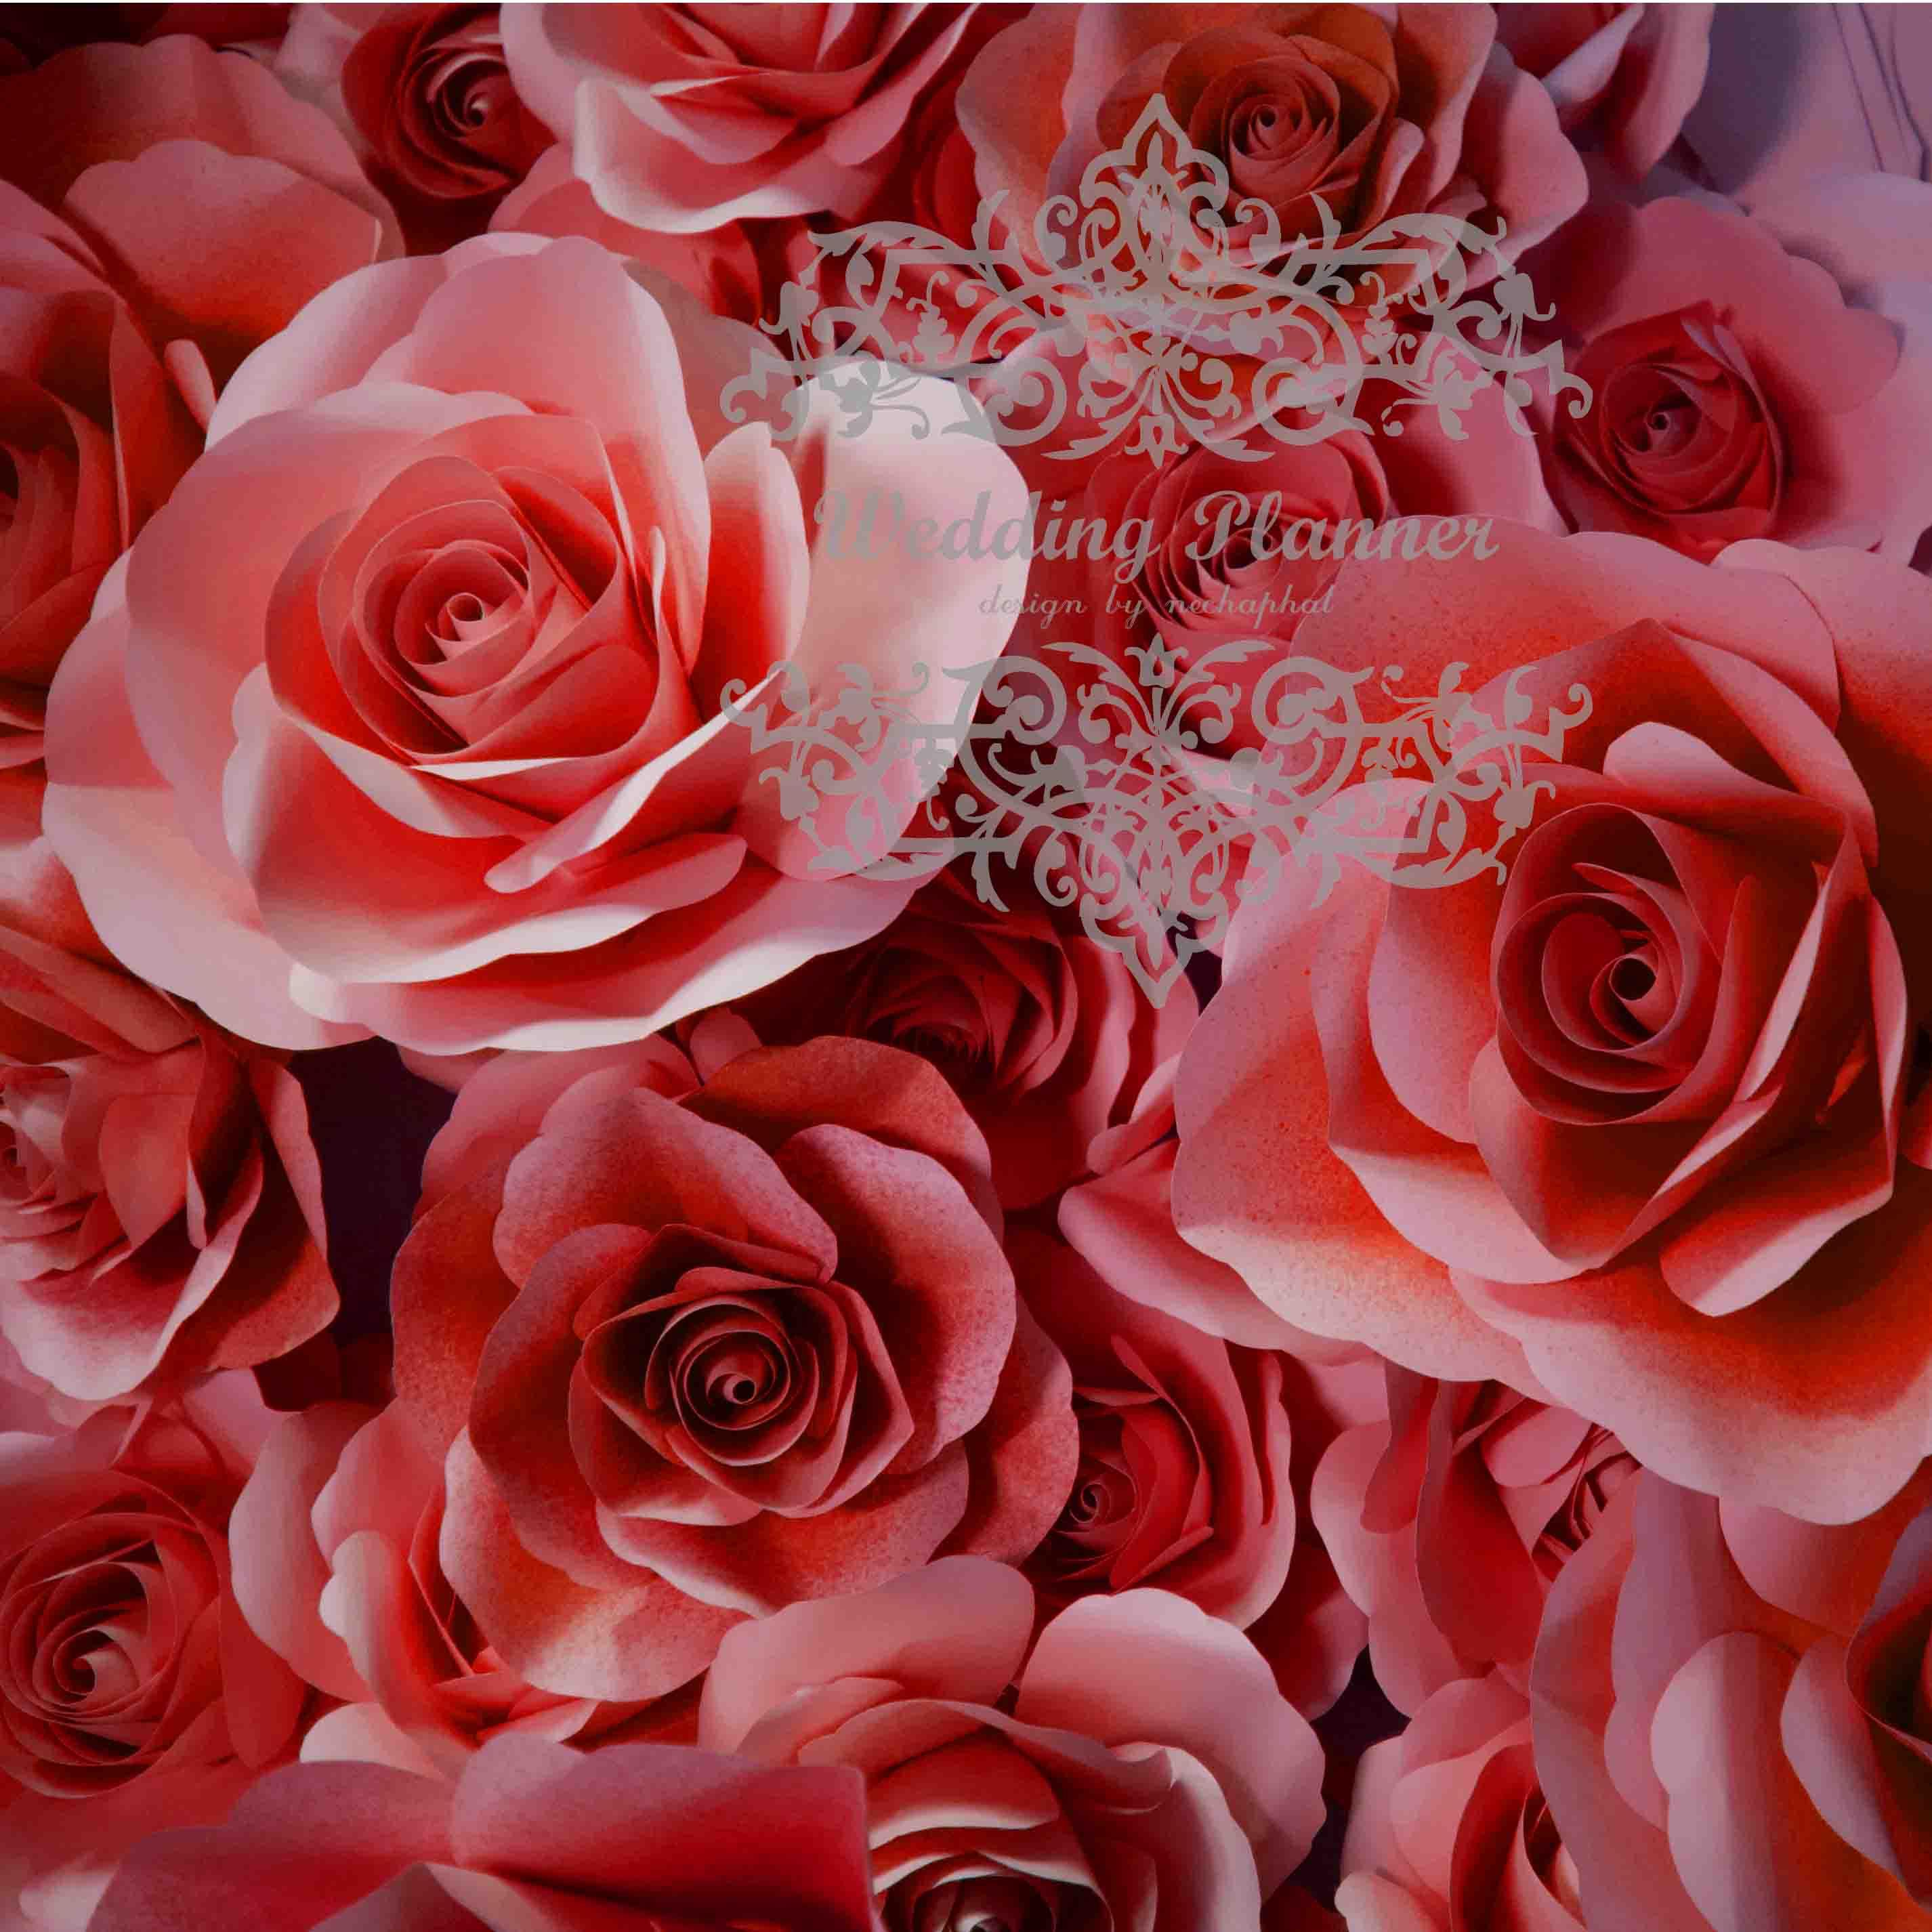 ดอกไม้กระดาษโทนสีแดงสด - flower paper backdrop - ขนาด 30 cm